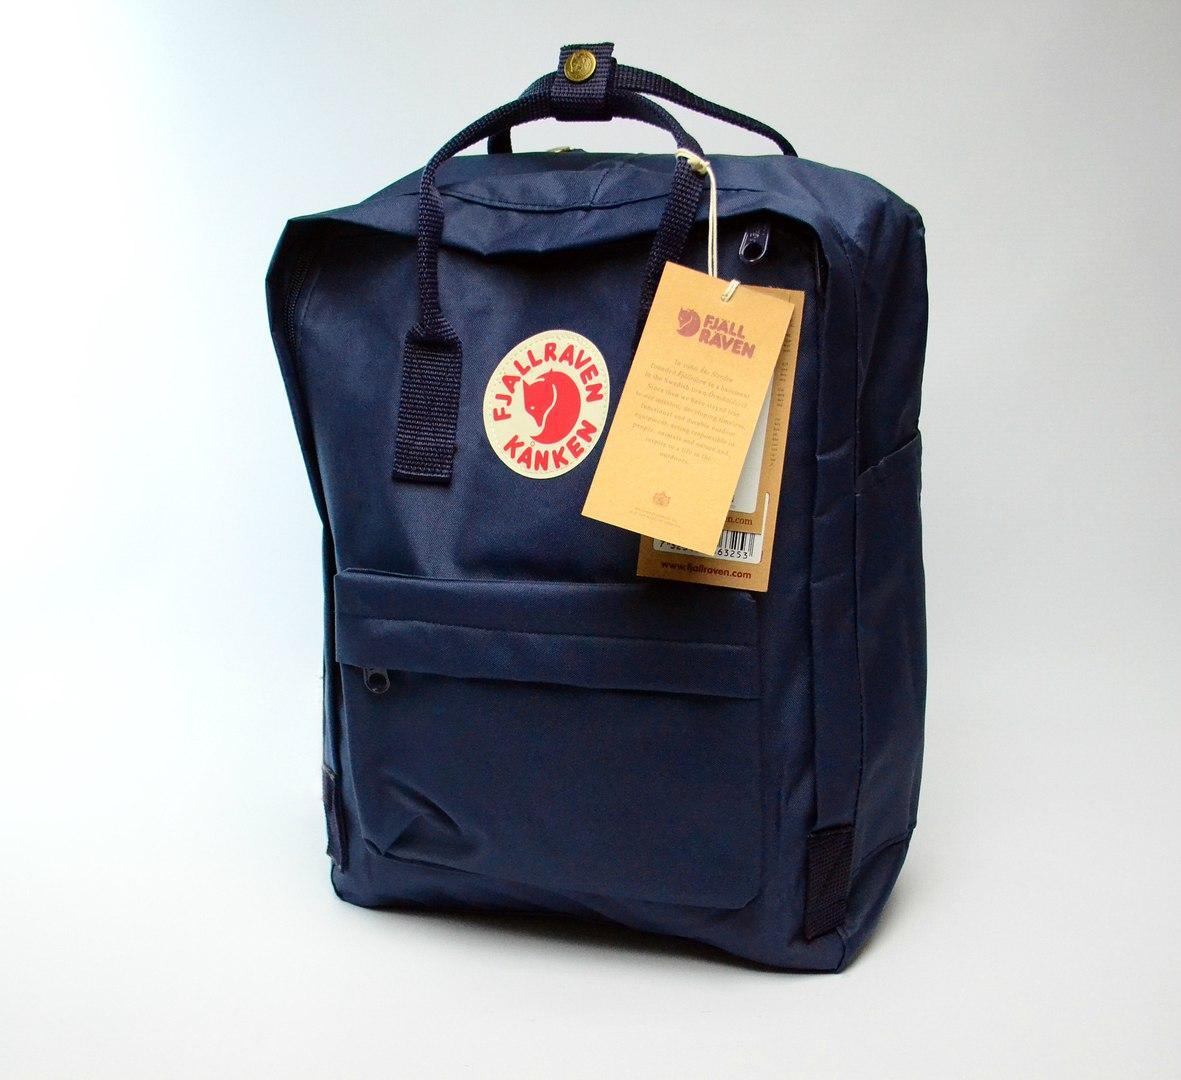 Рюкзак Fjarvallen Kanken Classiс navy blue (реплика)